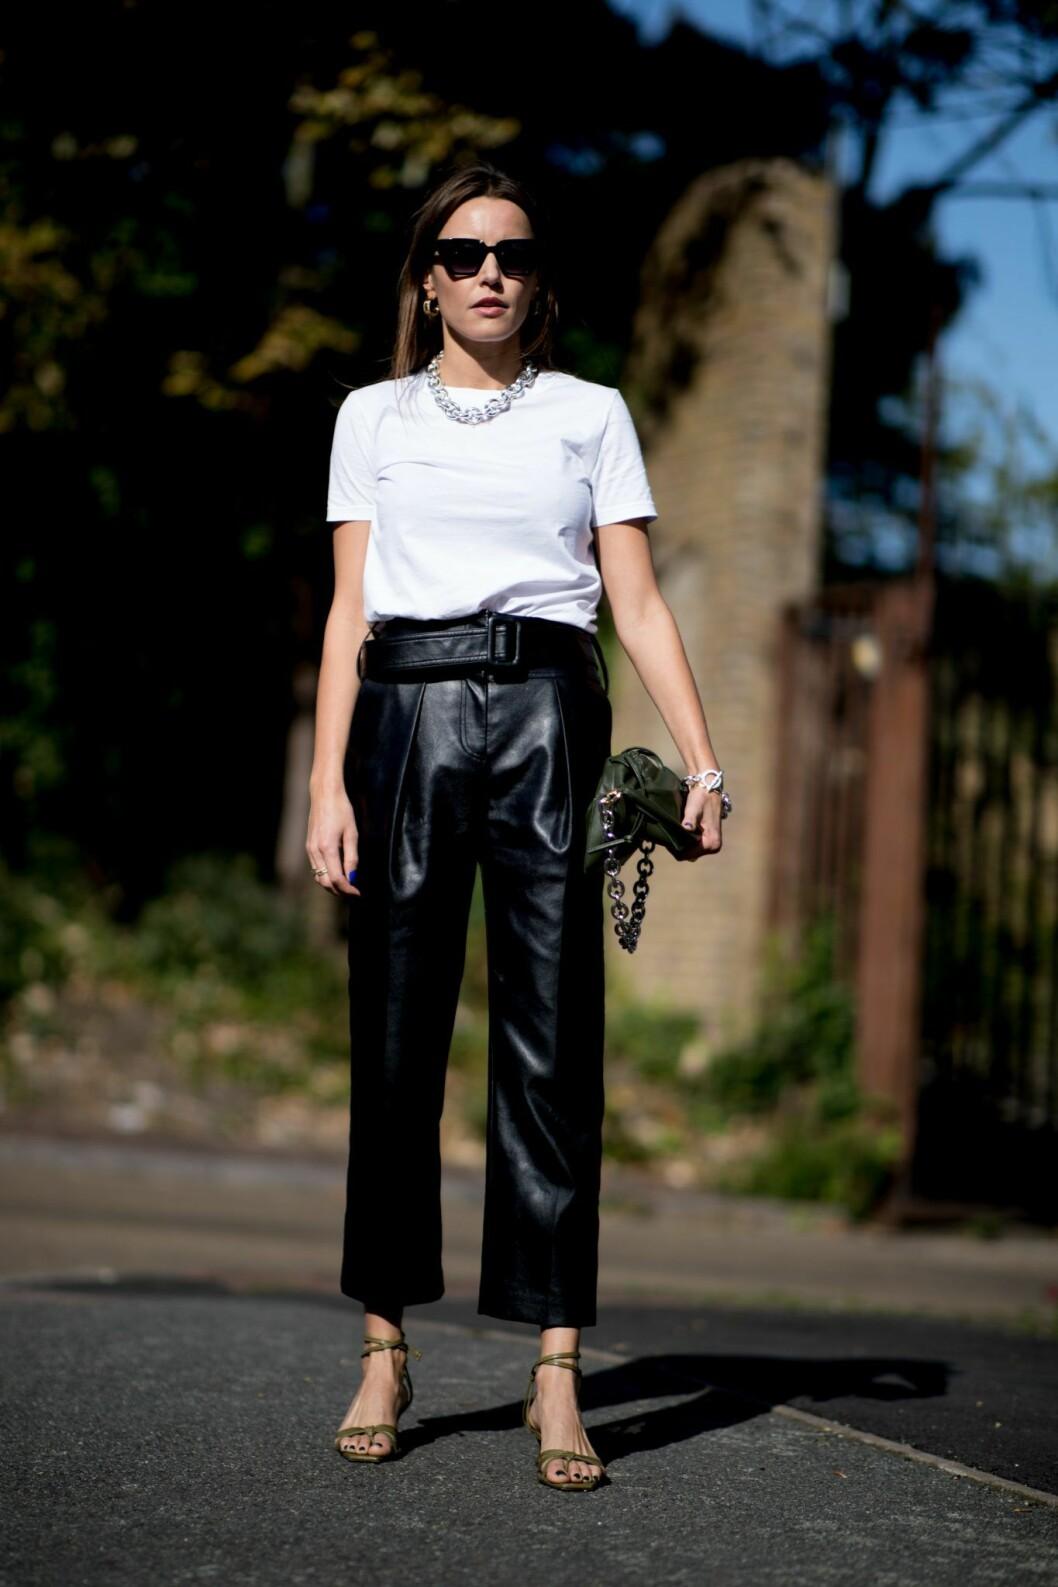 vit t-shirt london fashion week-